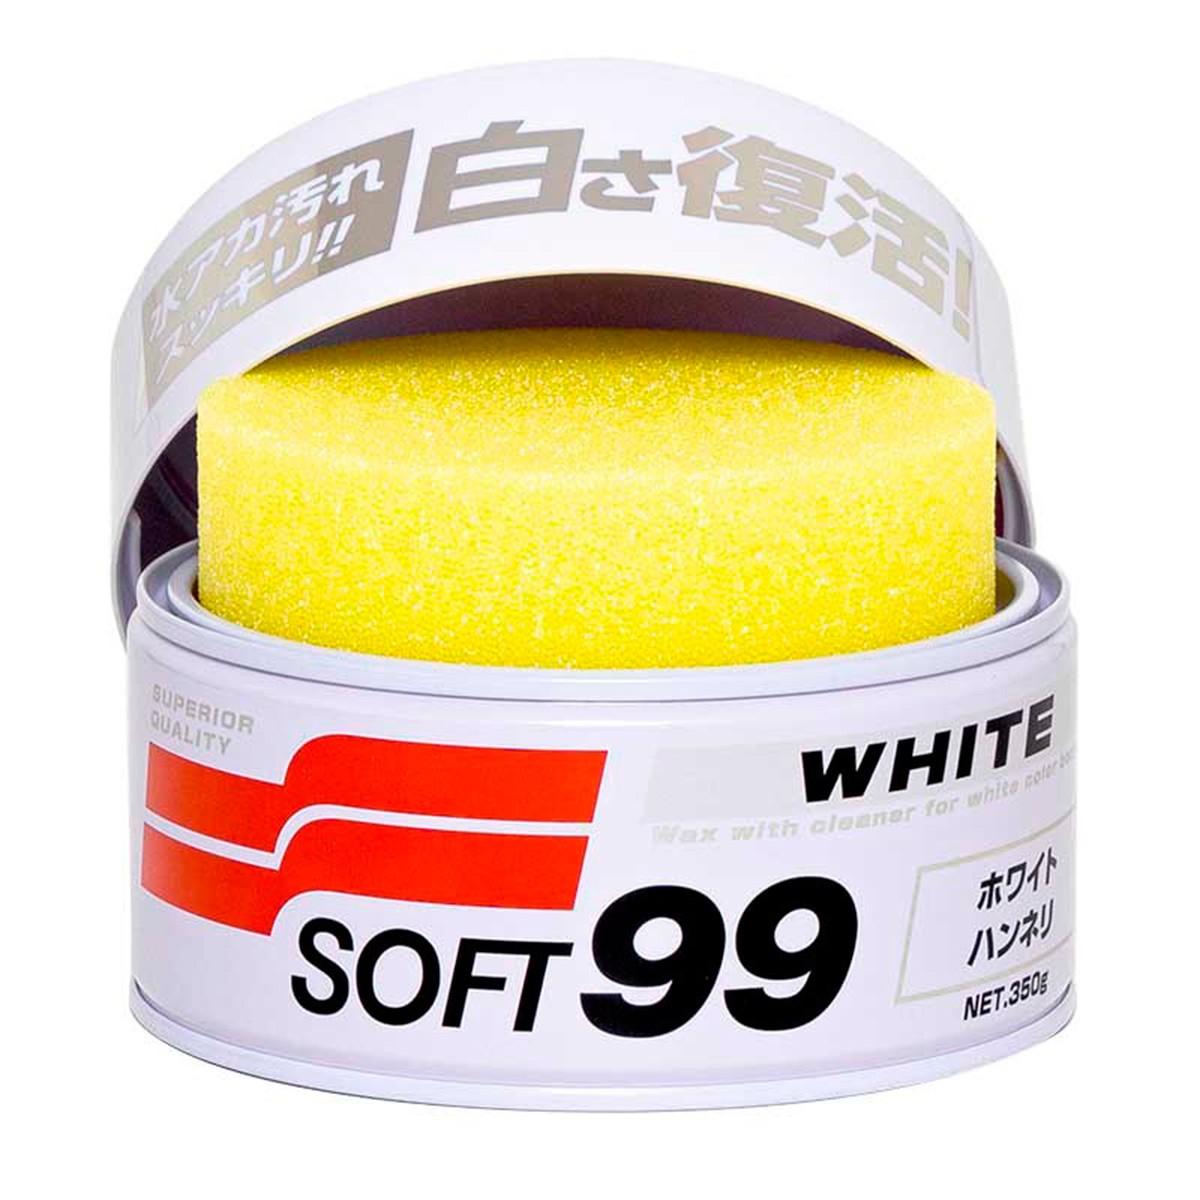 Cera White Cleaner 350g - Soft99